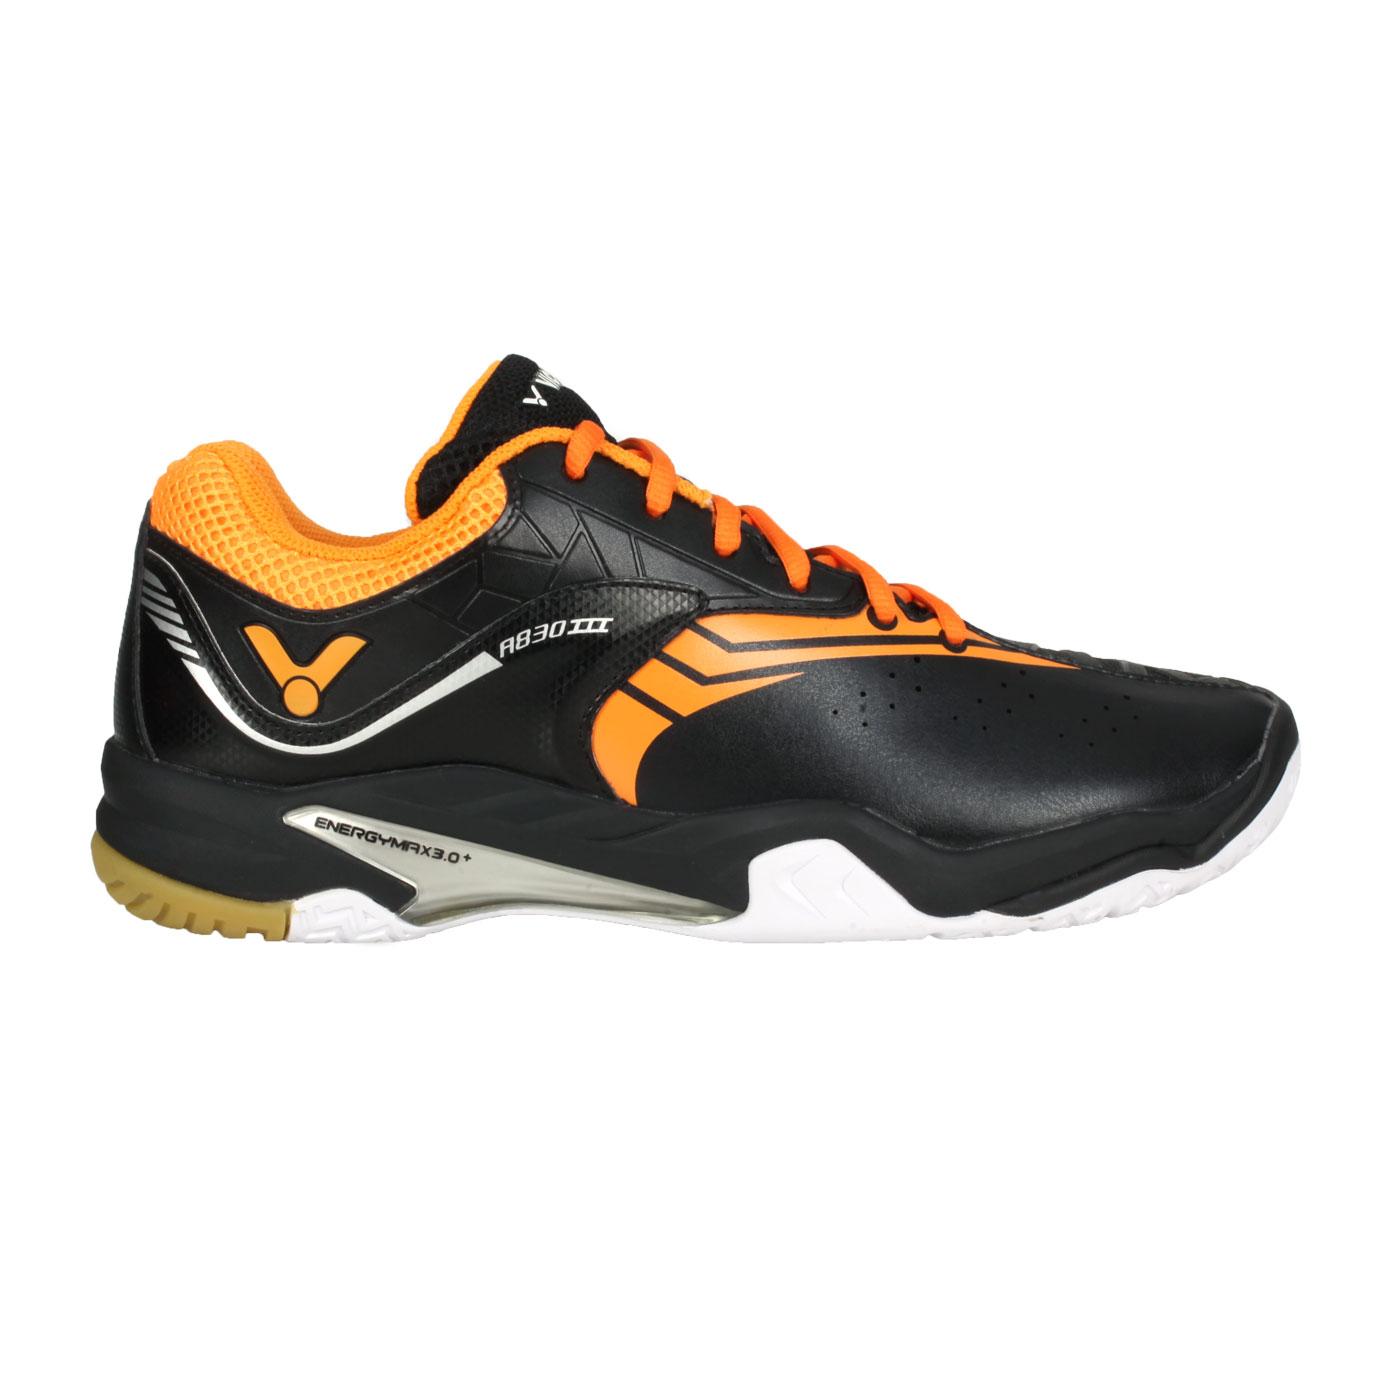 VICTOR 男款羽球鞋 A830III-CO